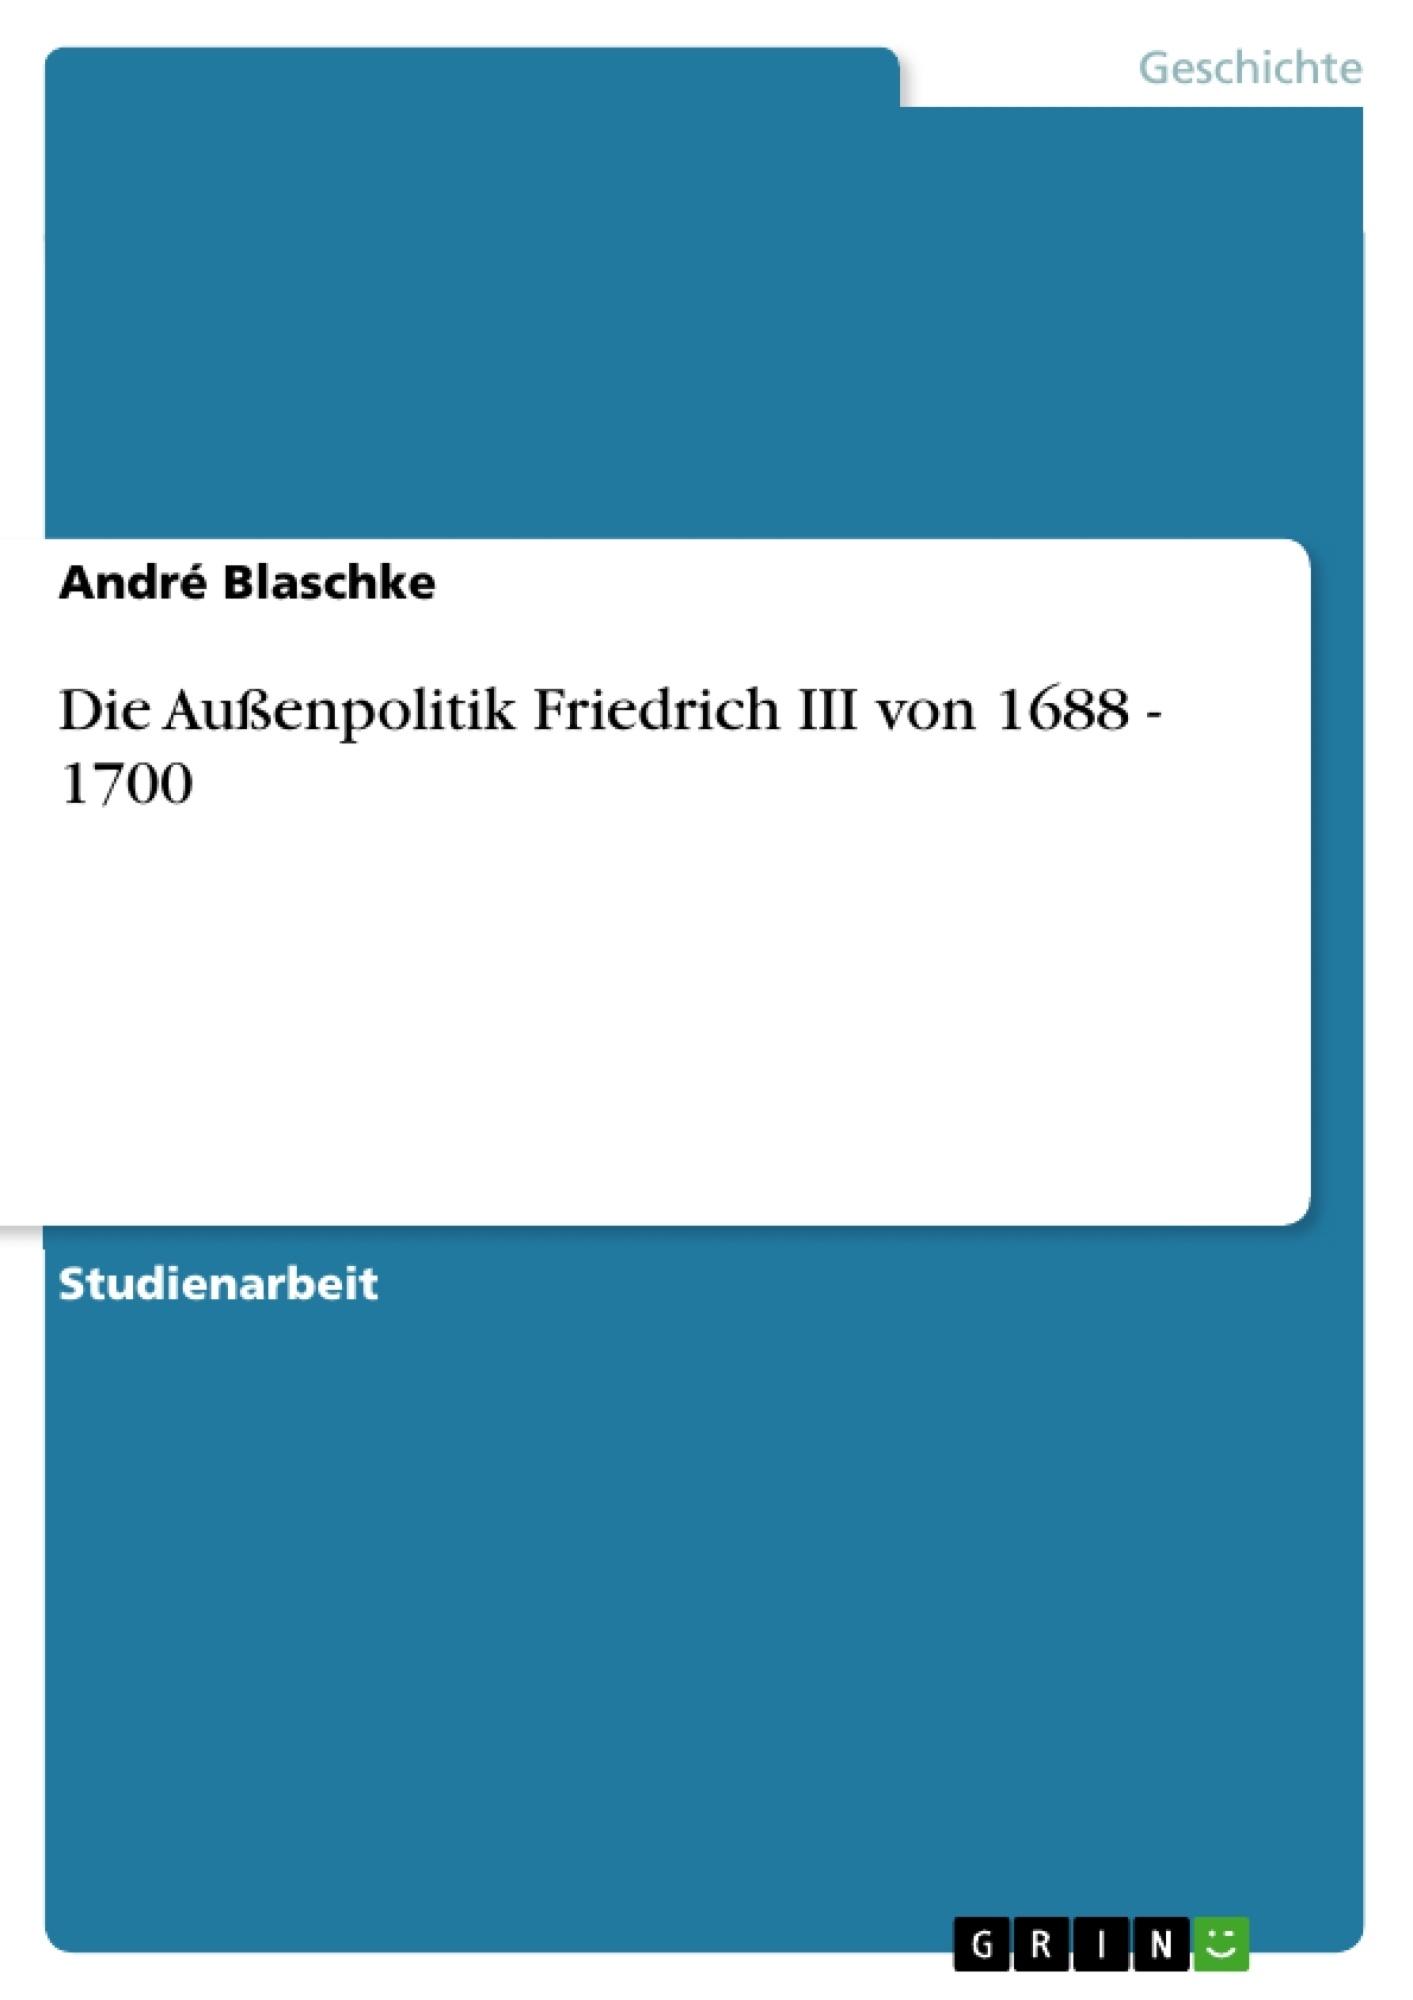 Titel: Die Außenpolitik Friedrich III von 1688 - 1700